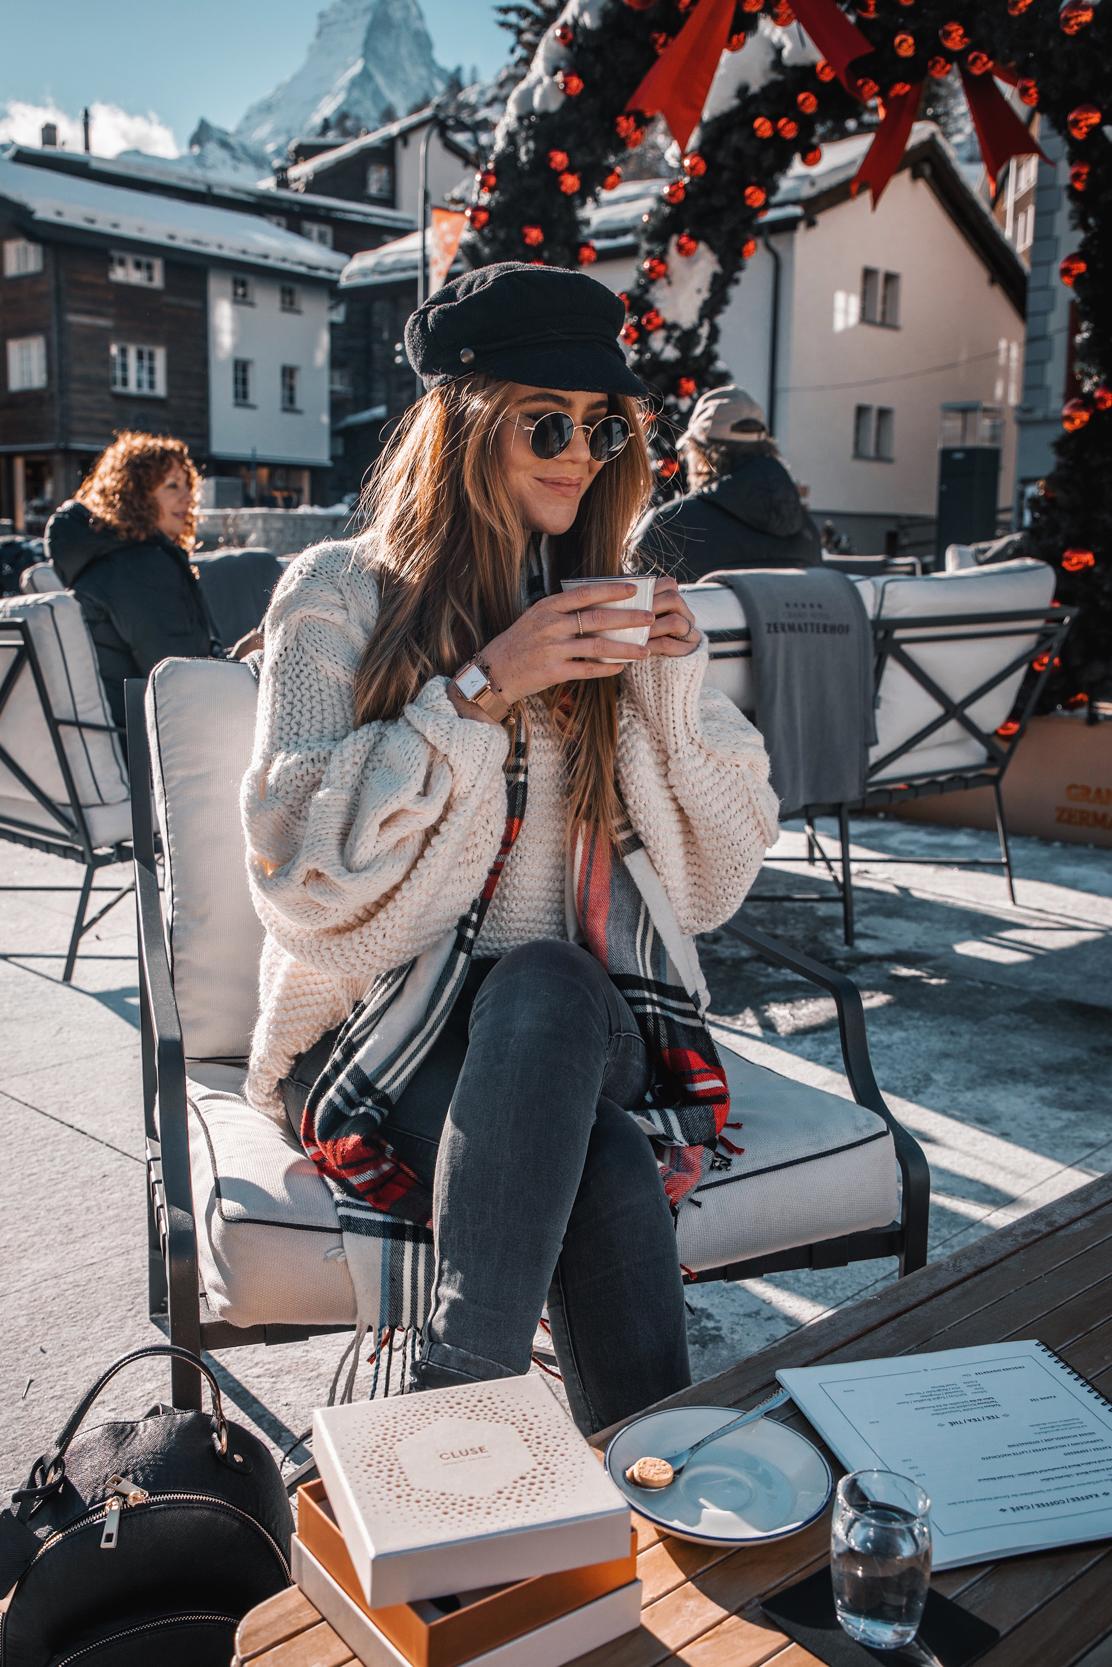 stylish-winter-outfits-switzerland-9.jpg